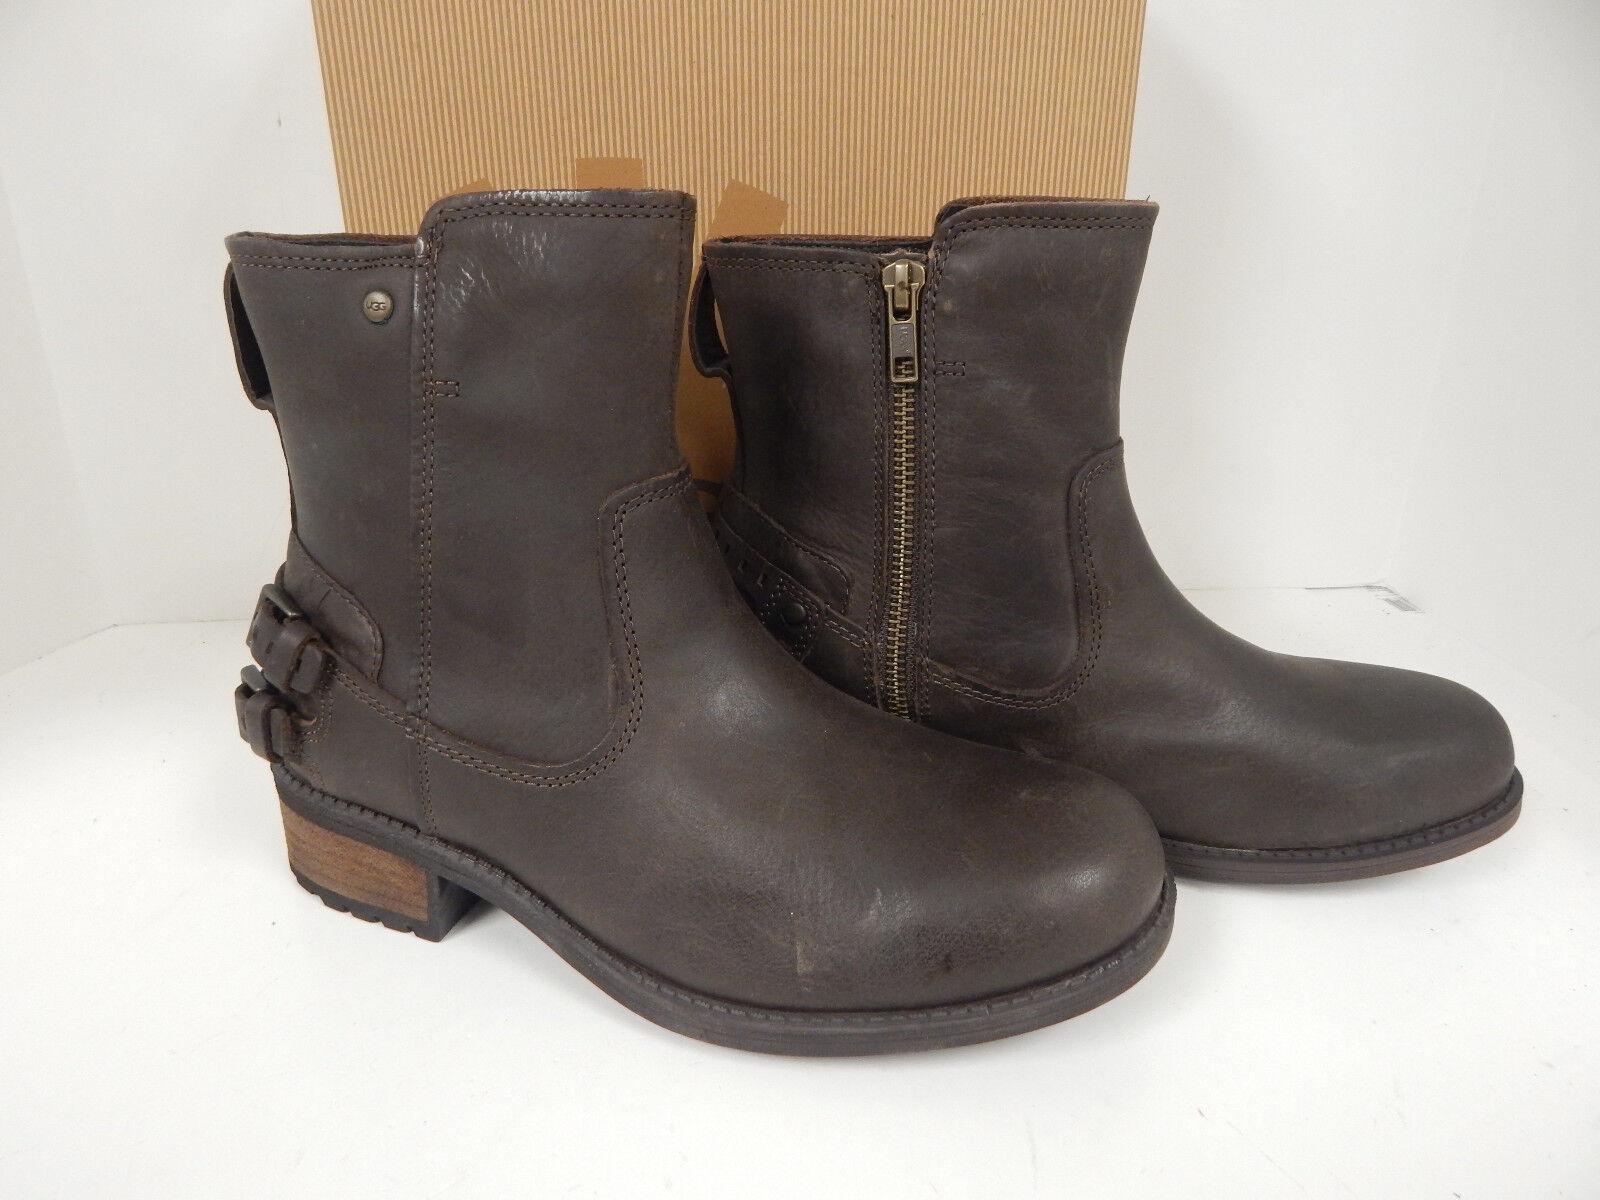 Ugg Australia - Botte en cuir marron Orion Stout 1007769 avec fermeture à glissière médiale pour femmes - Nouveautés